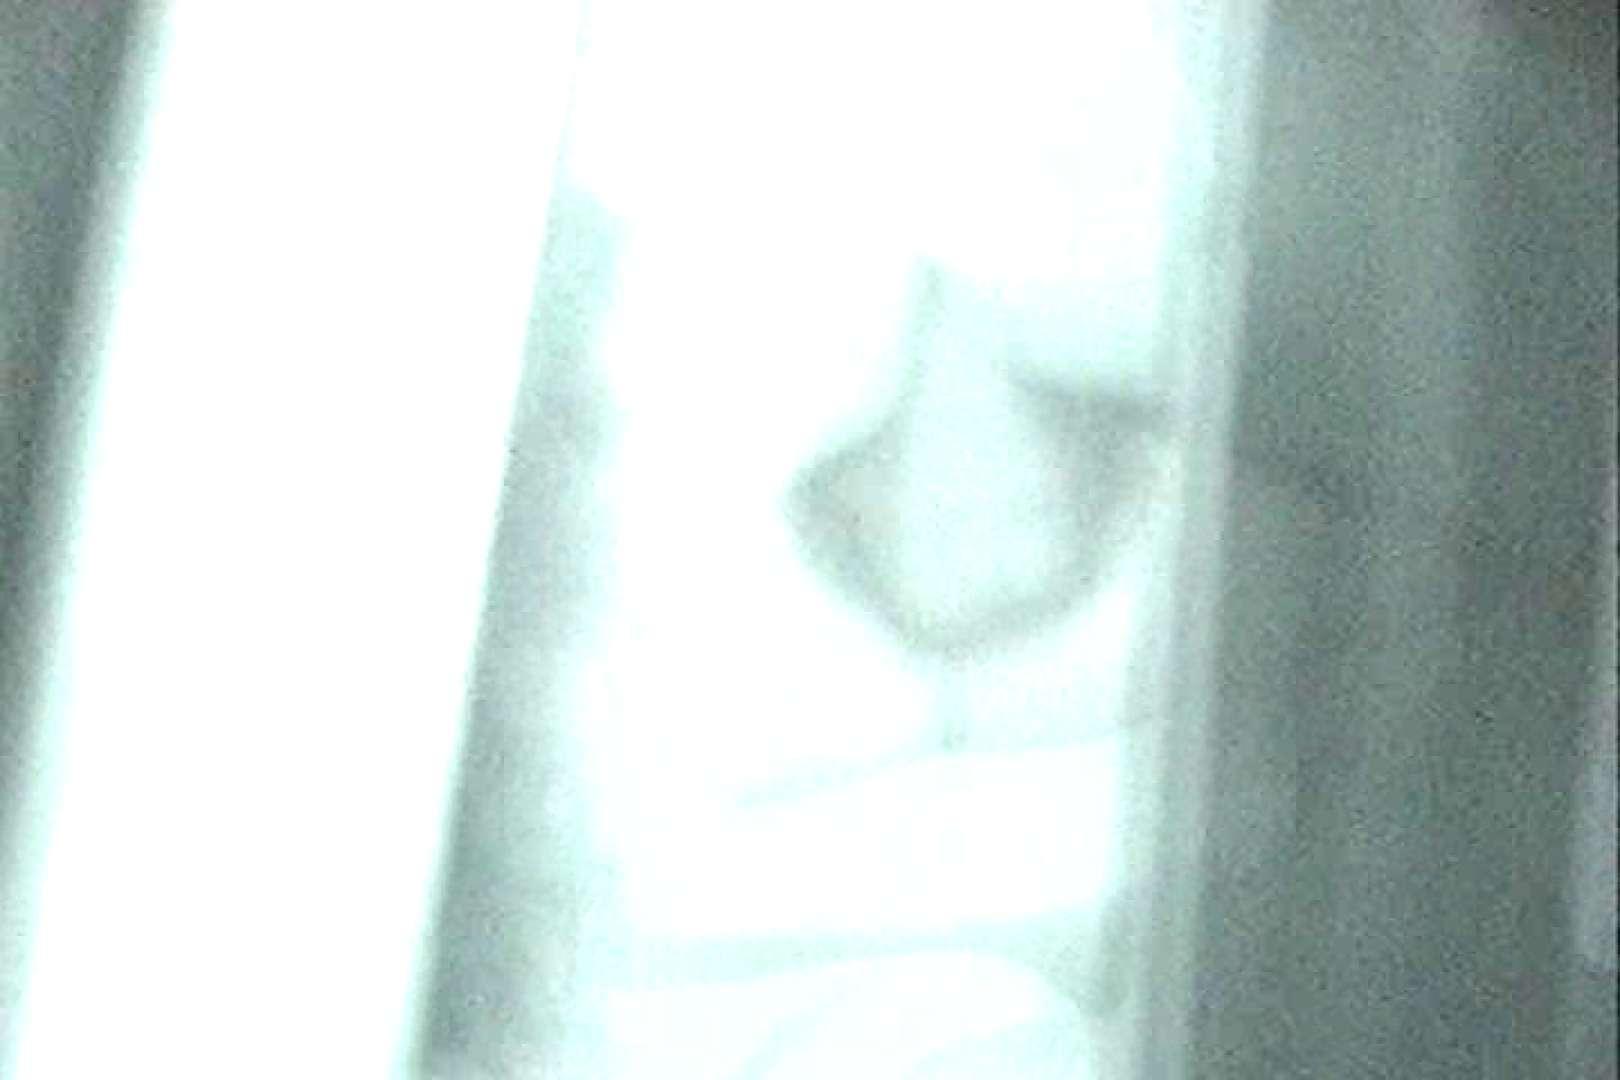 充血監督の深夜の運動会Vol.18 車でエッチ 濡れ場動画紹介 55PIX 39